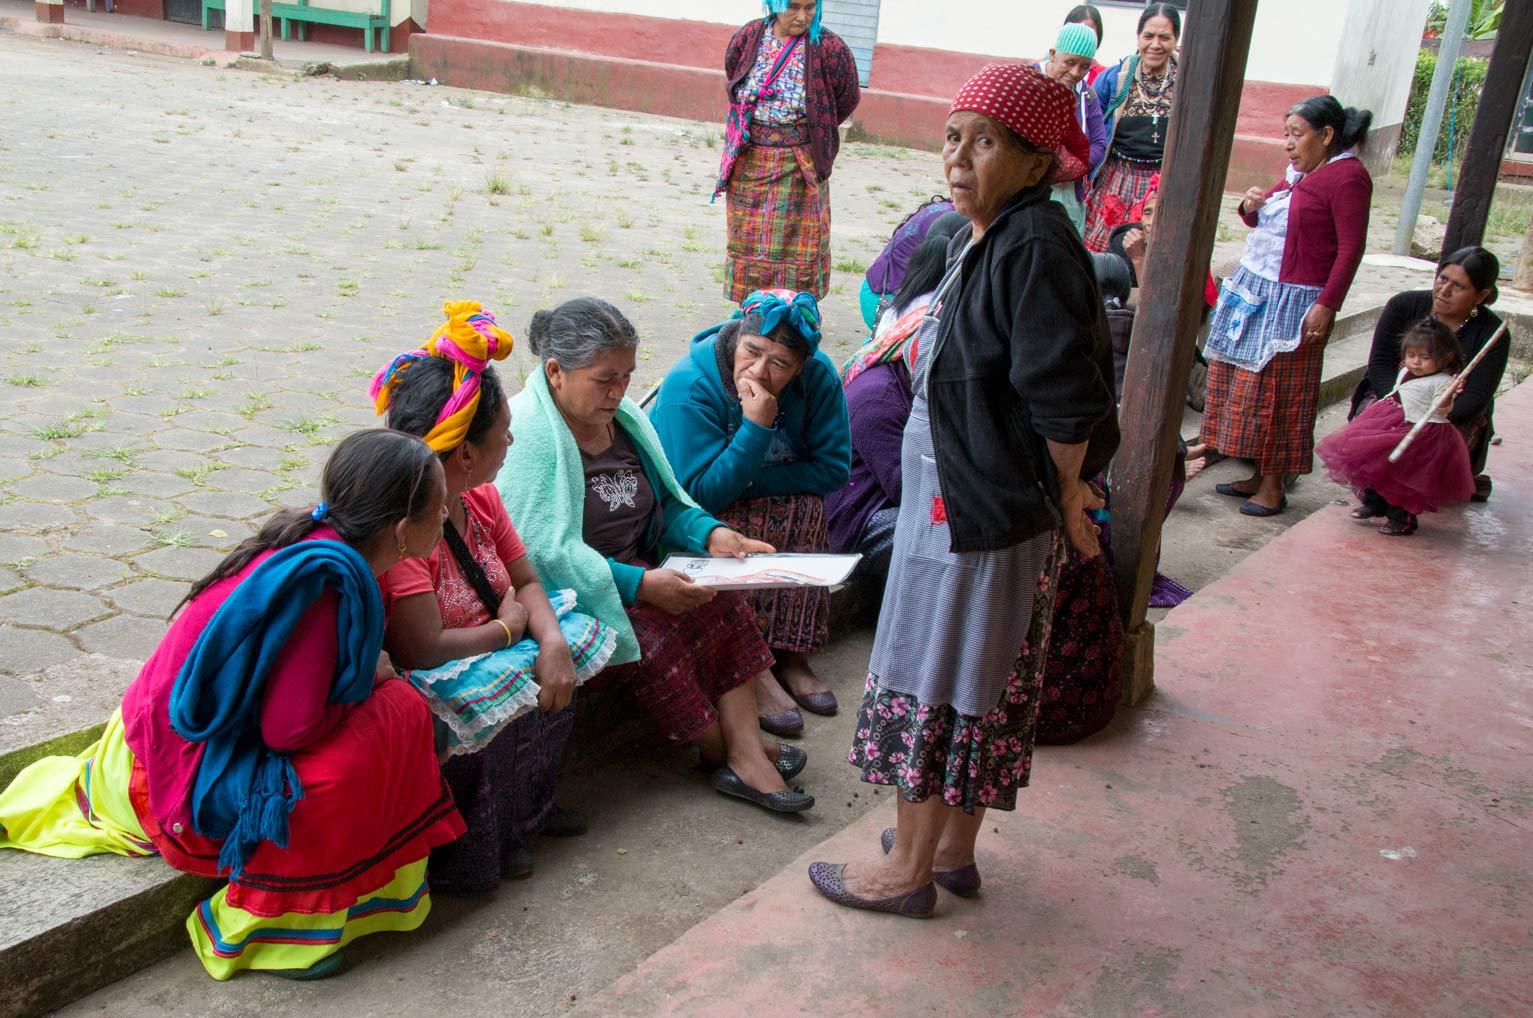 Guatemala - Comadronas